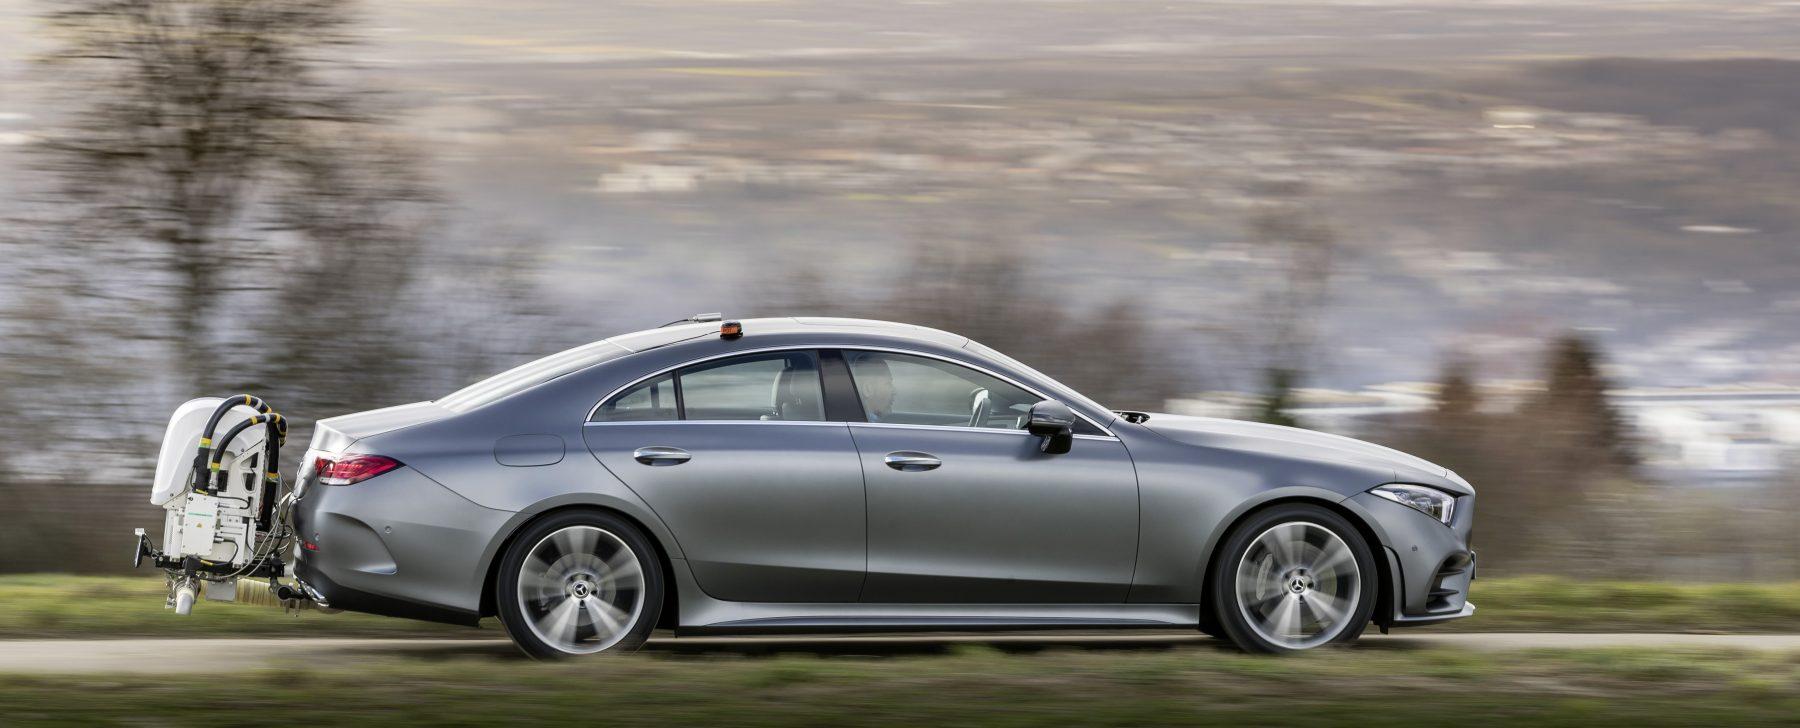 Los coches serán más caros a partir del 1 de enero